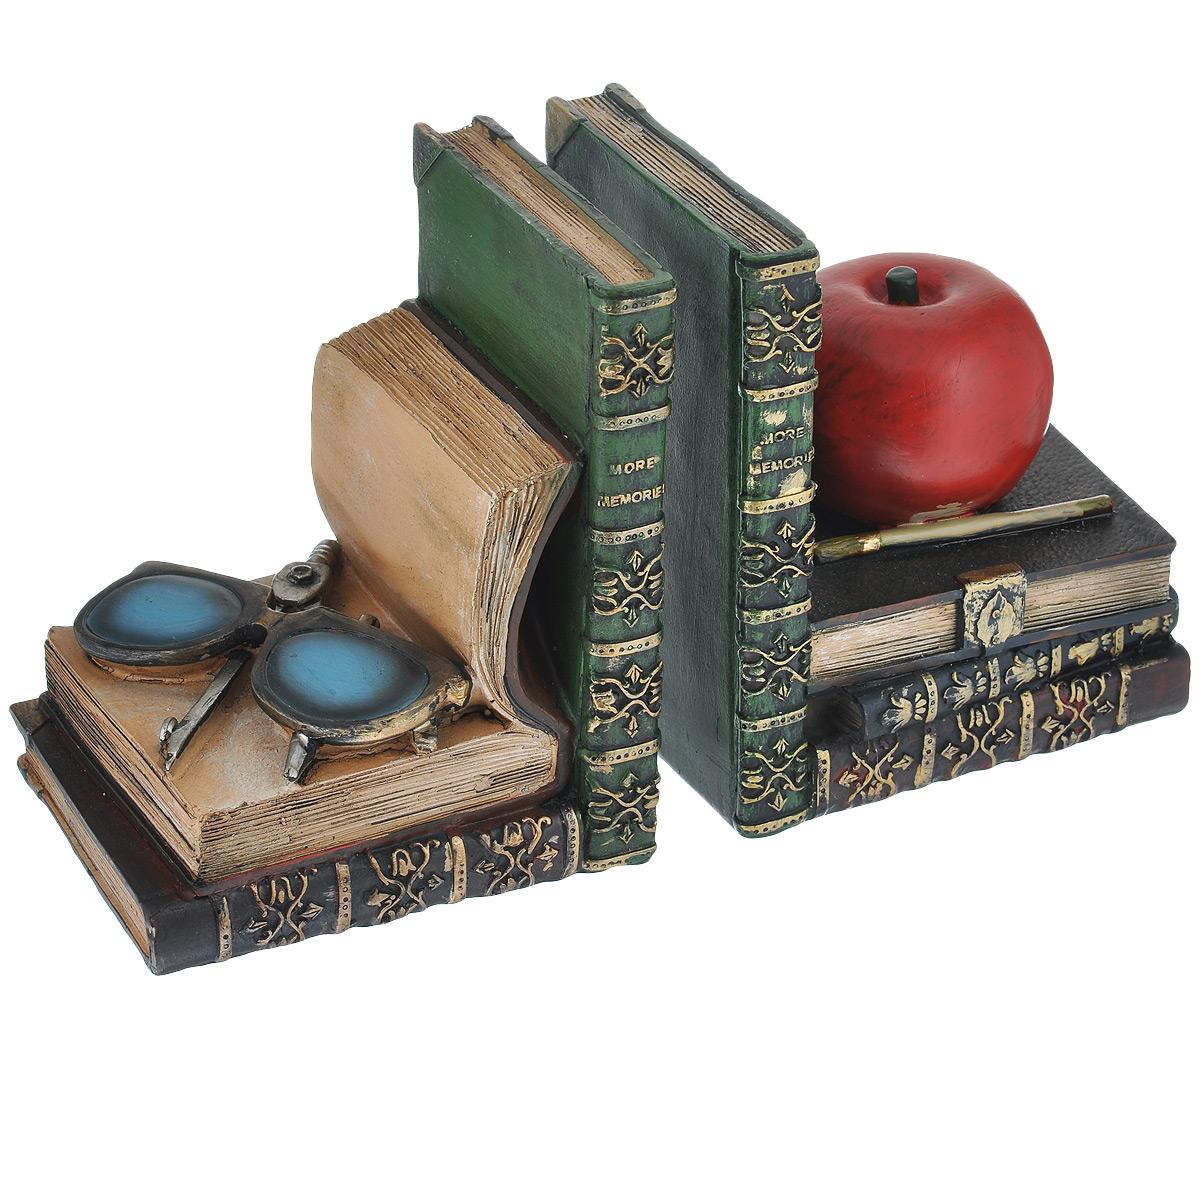 Подставка-ограничитель для книг Наука, 2 шт36133Подставка-ограничитель для книг Наука изготовлена из полирезины. В комплект входит два ограничителя. Изделия выполнены в виде яблока и очков с циркулем, лежащие на постаменте из книг. Между ограничителями можно поместить неограниченное количество книг. Подставка-ограничитель для книг Наука - это не только подставка для книг, но и интересный элемент декора, который ярко дополнит интерьер помещения. Размер подставки-ограничителя: 12,5 см х 10 см х 15,5 см. Комплектация: 2 шт.